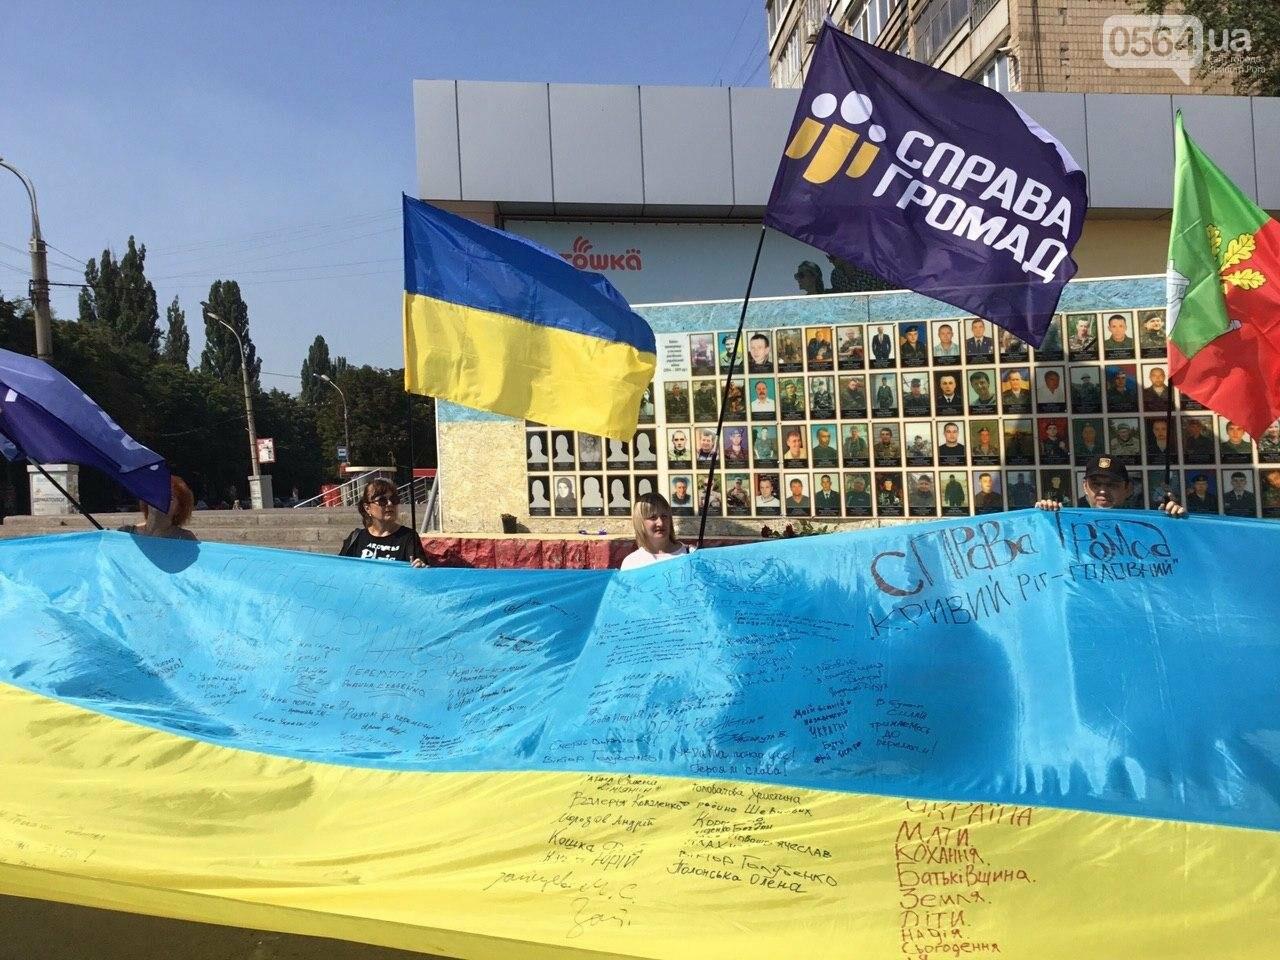 """""""Українці - брати, Разом ми - сила!"""", - какие пожелания и призывы написали криворожане на Знамени Единства, - ФОТО, ВИДЕО, фото-59"""